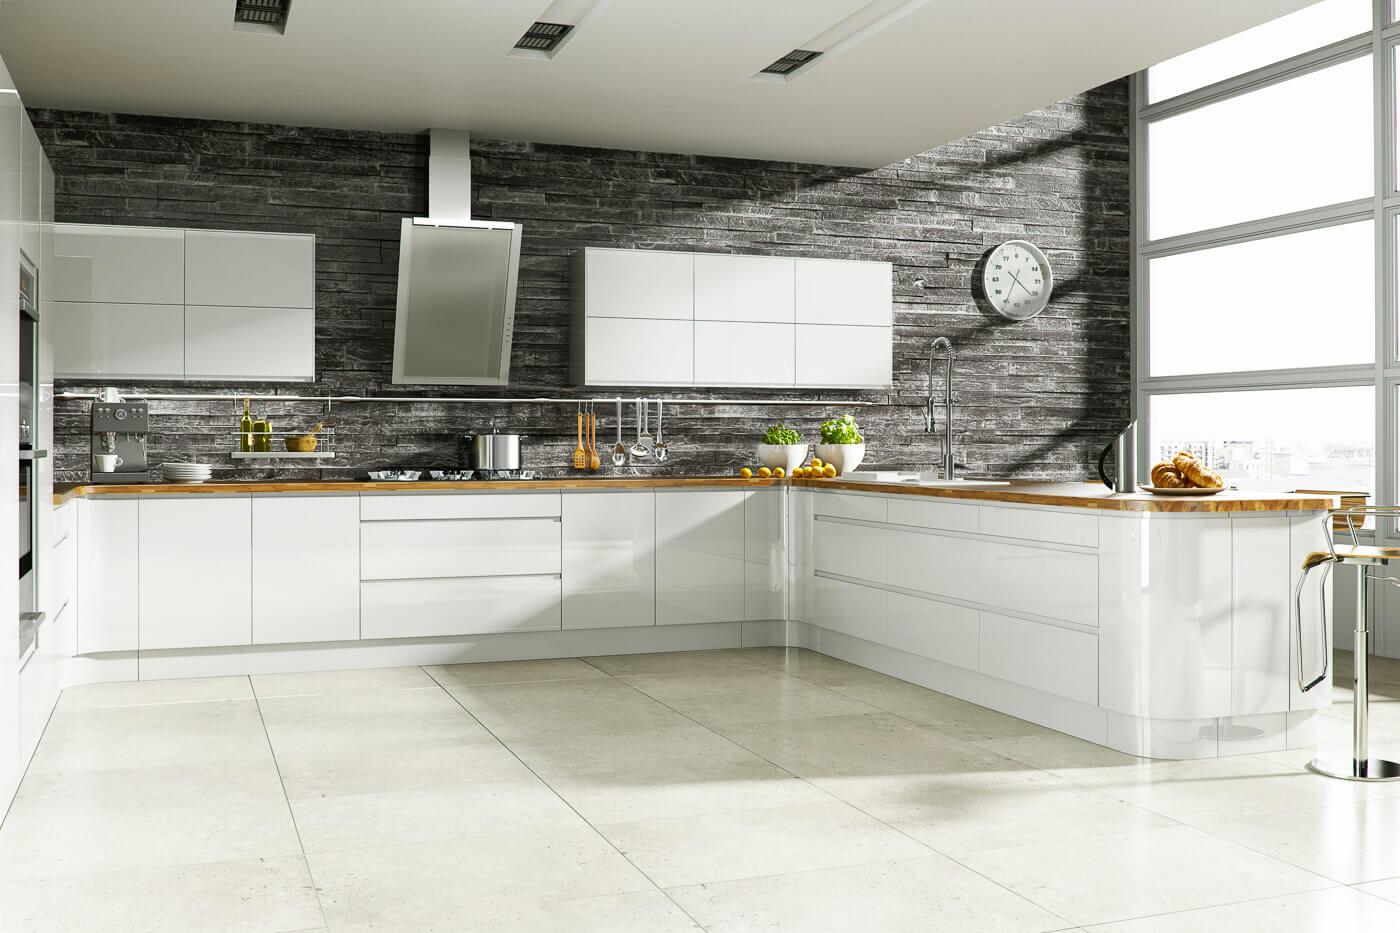 welford bright white modern designer kitchen